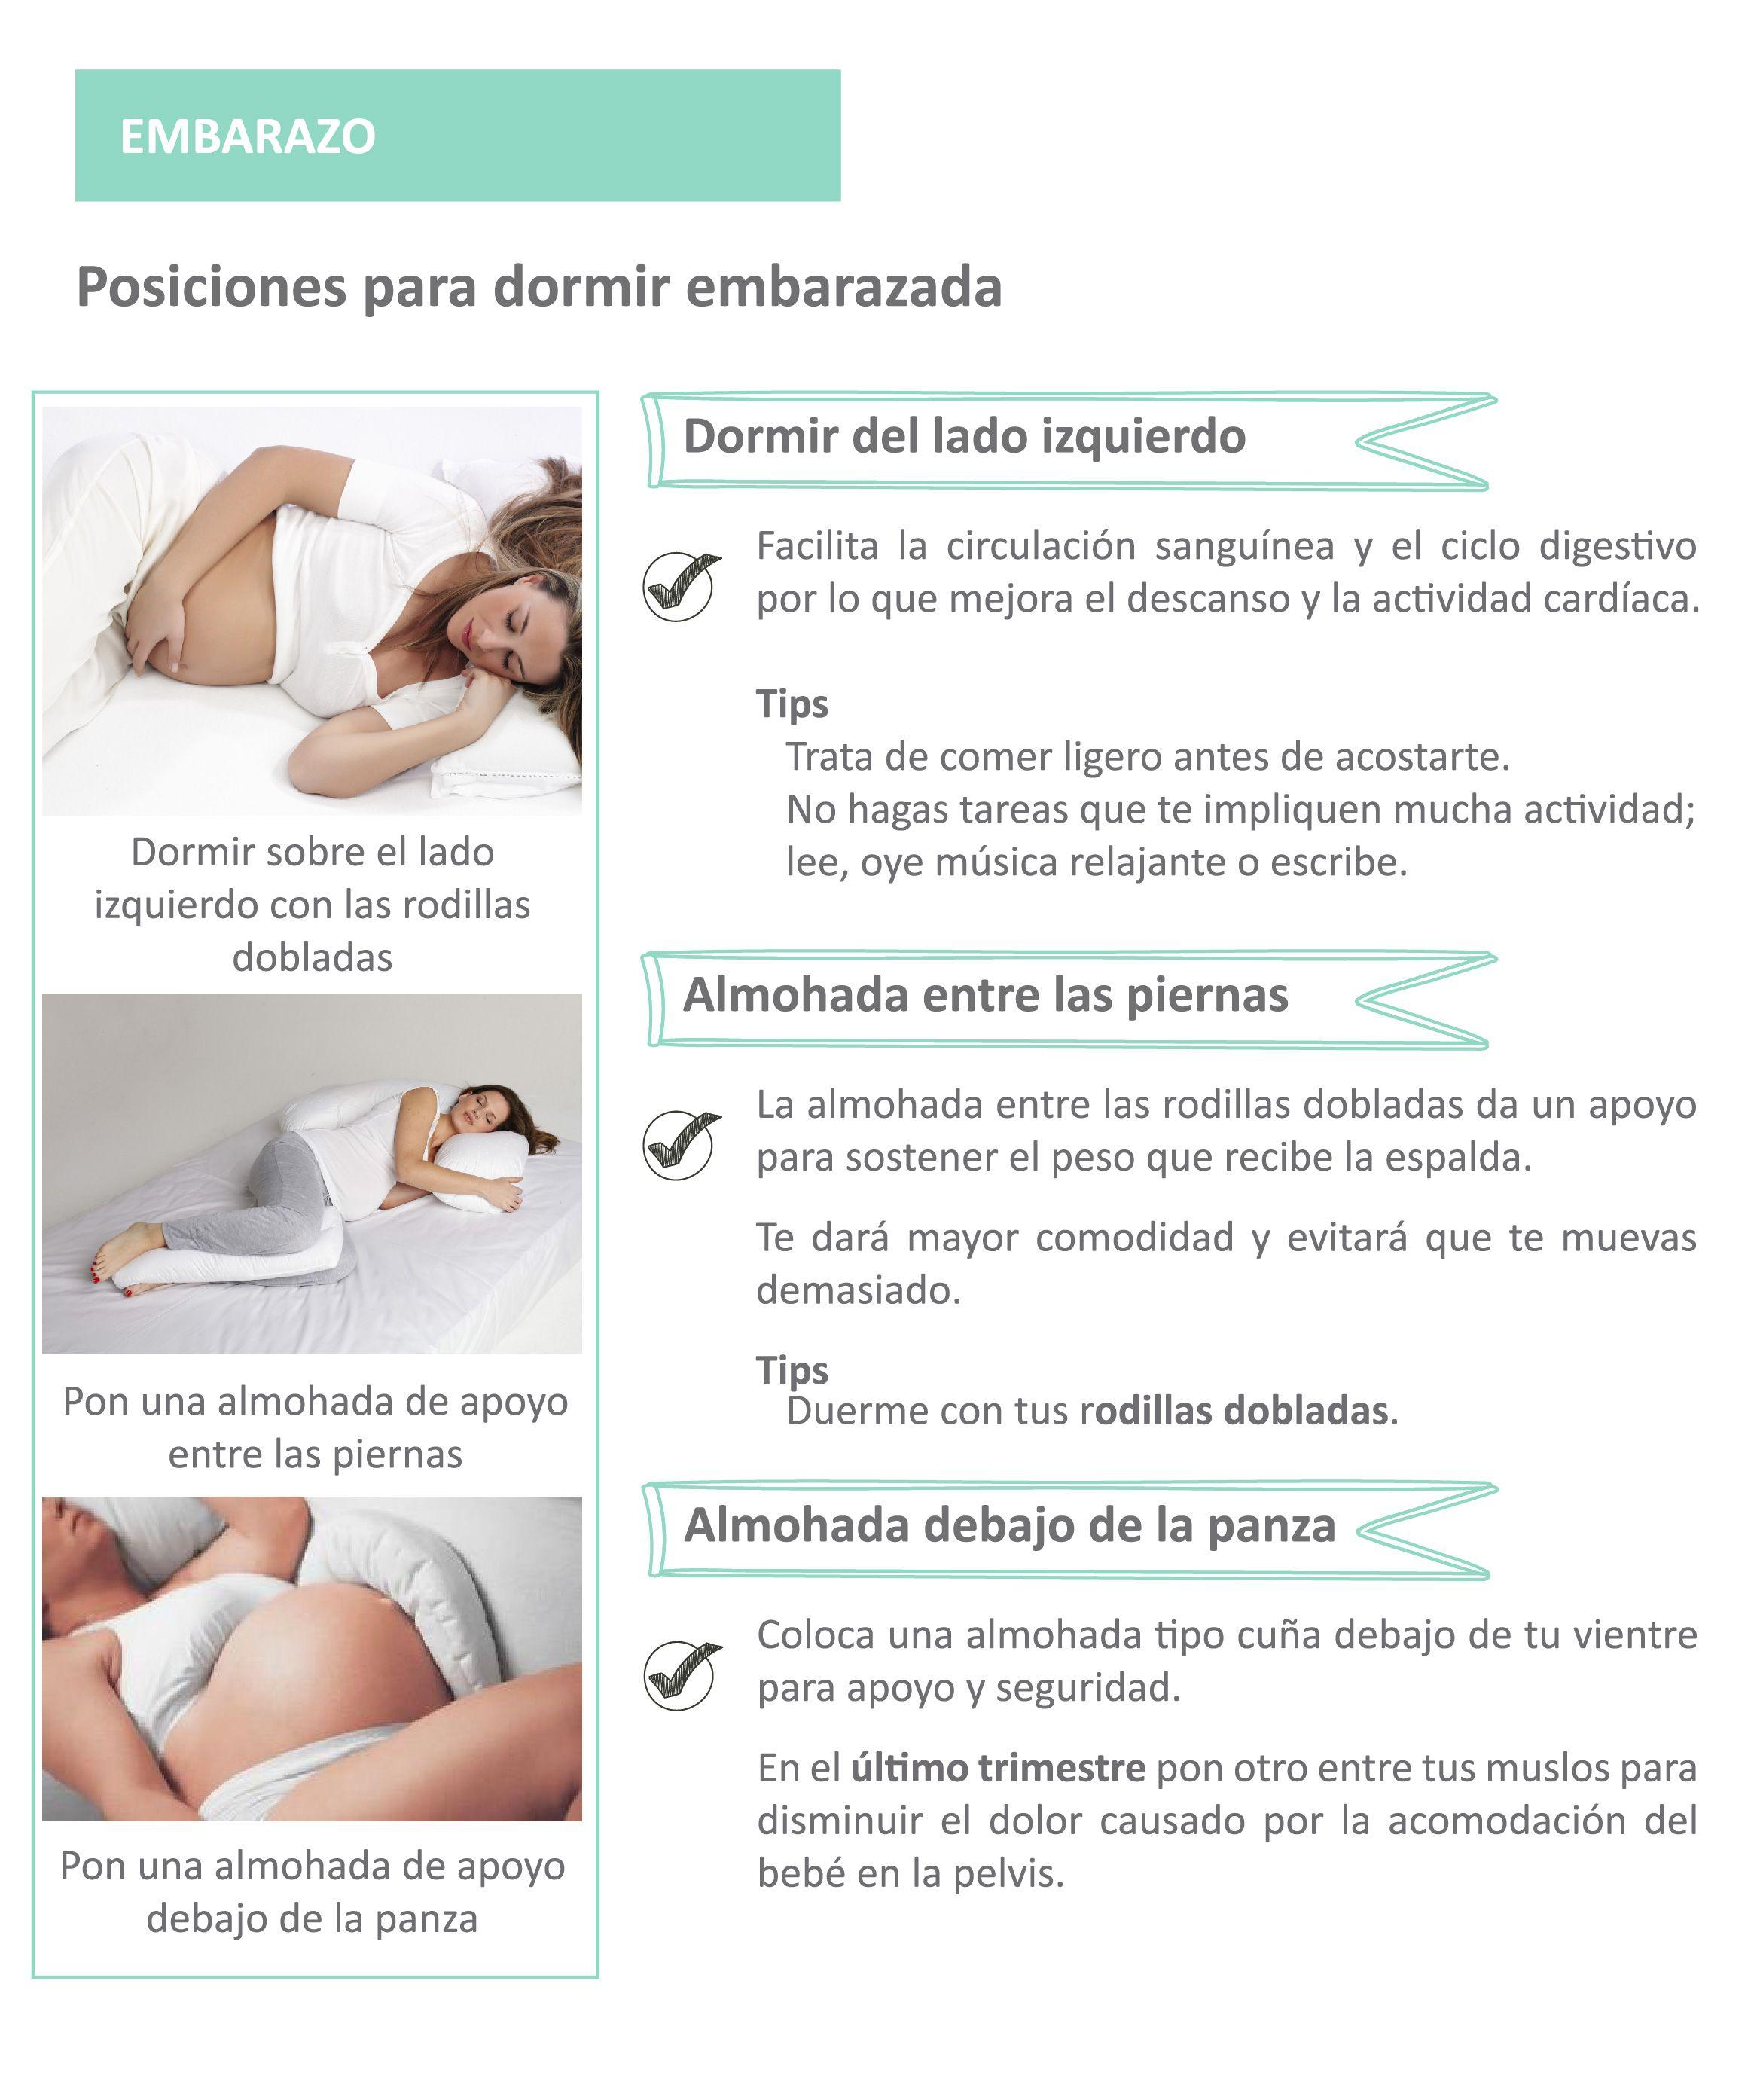 dolor de vientre lado izquierdo embarazo